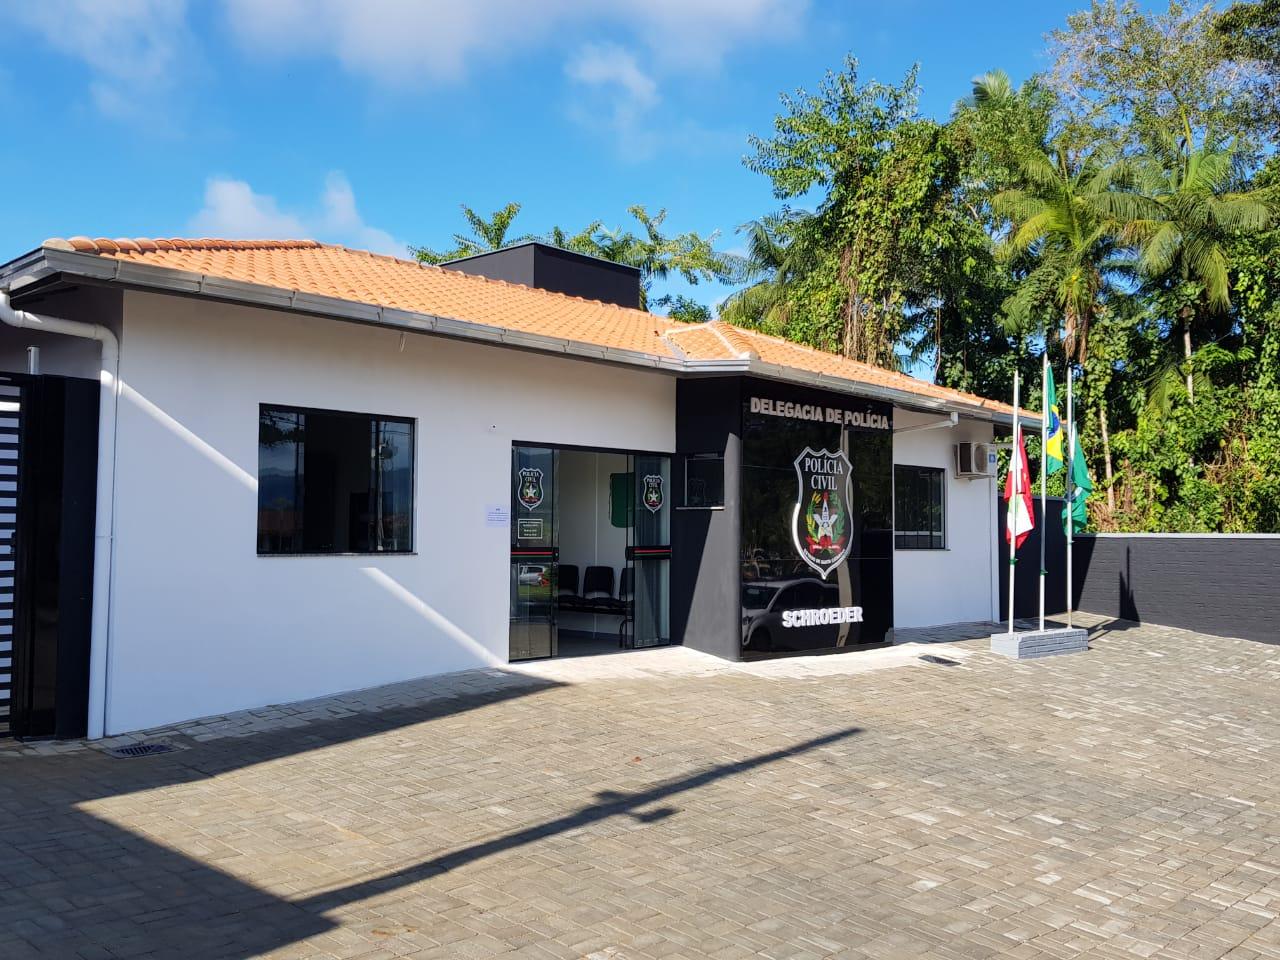 Foto: Prefeitura de Schroeder/Divulgação